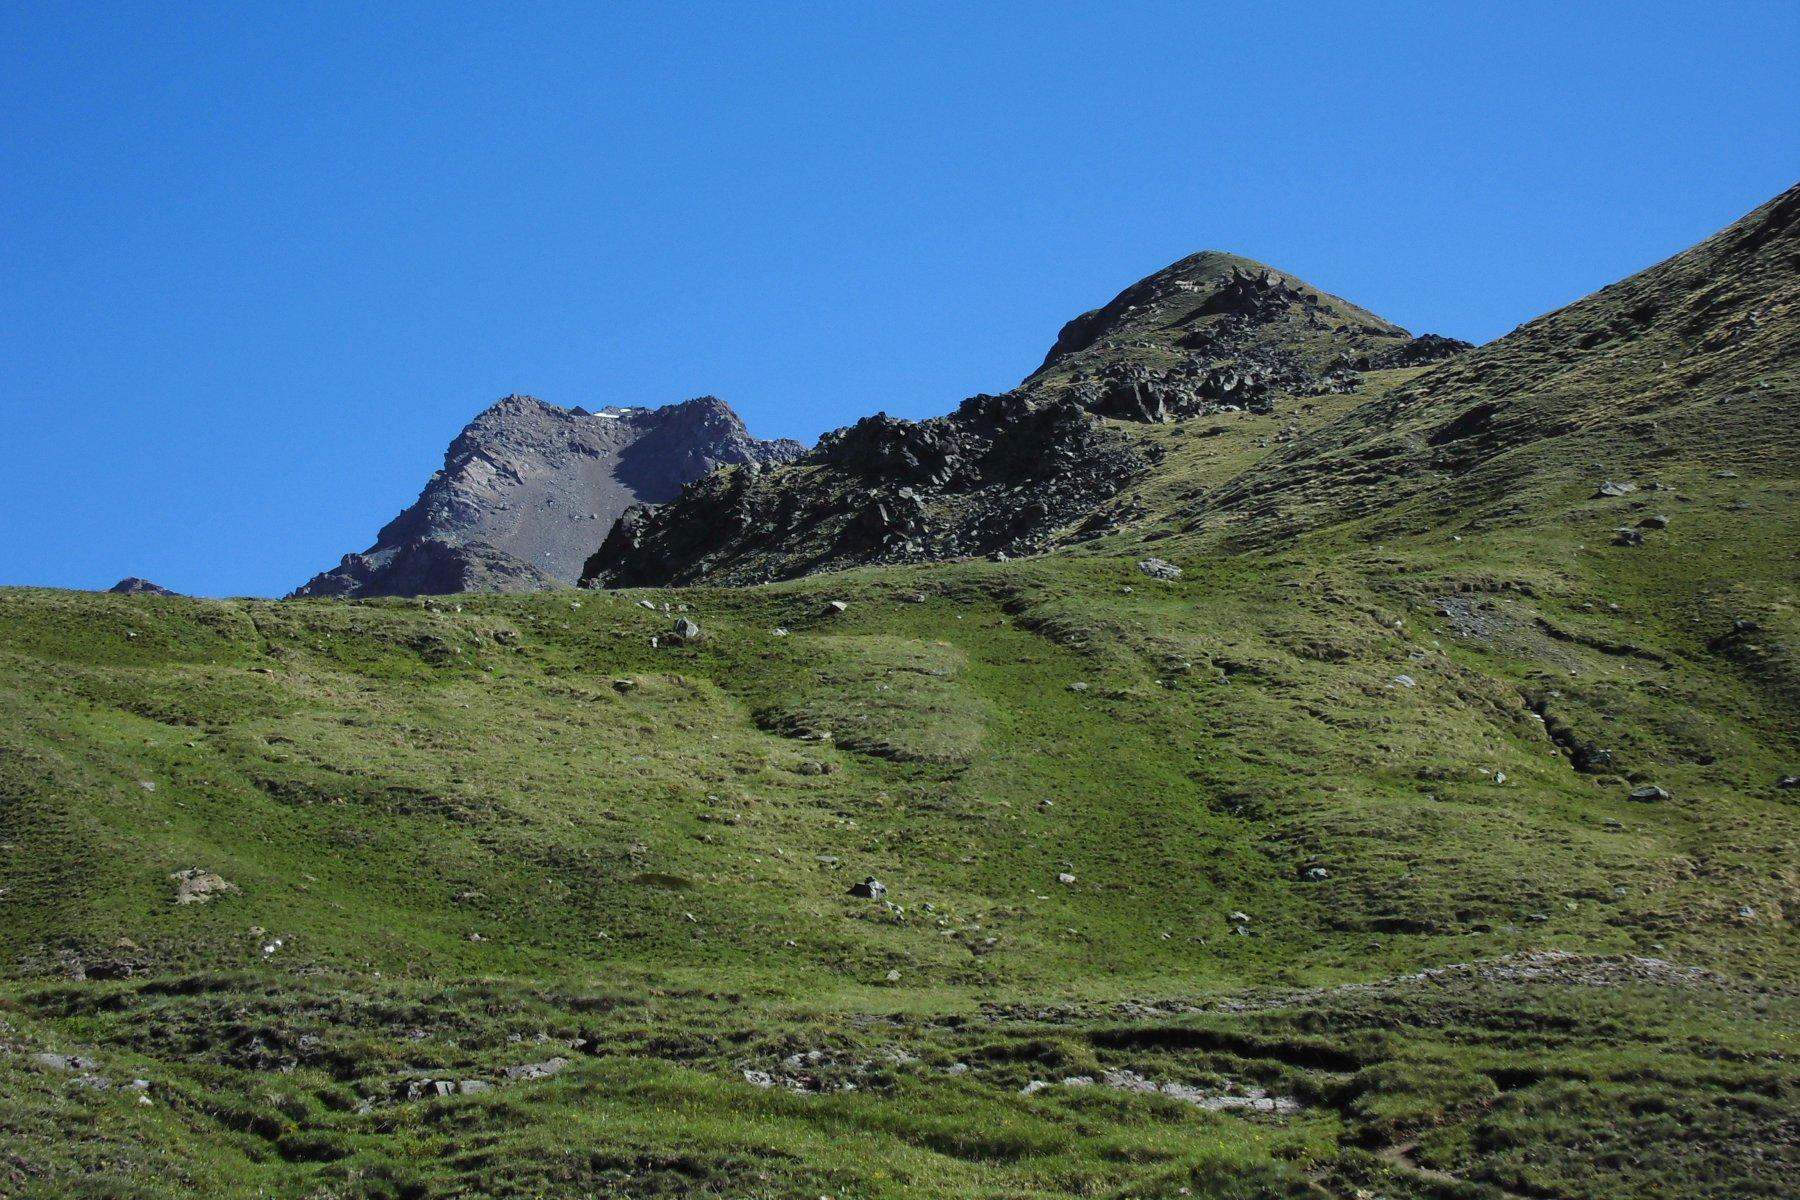 Da poco prima degli Alpeggi Grauson Noveau il dosso erboso da superare per l'accesso diretto al colle Vallonet